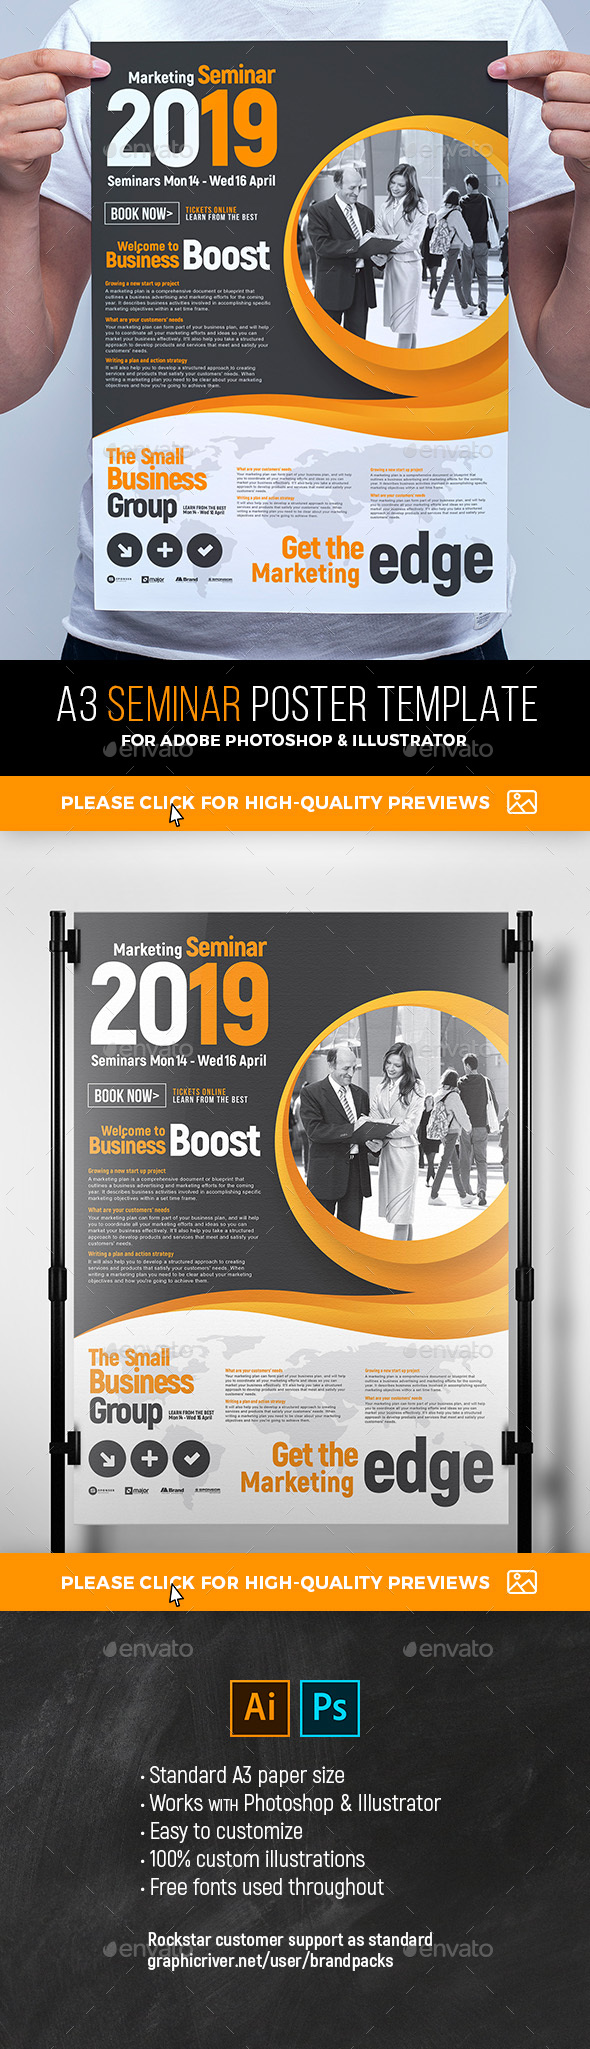 GraphicRiver Seminar Poster Template 21194179